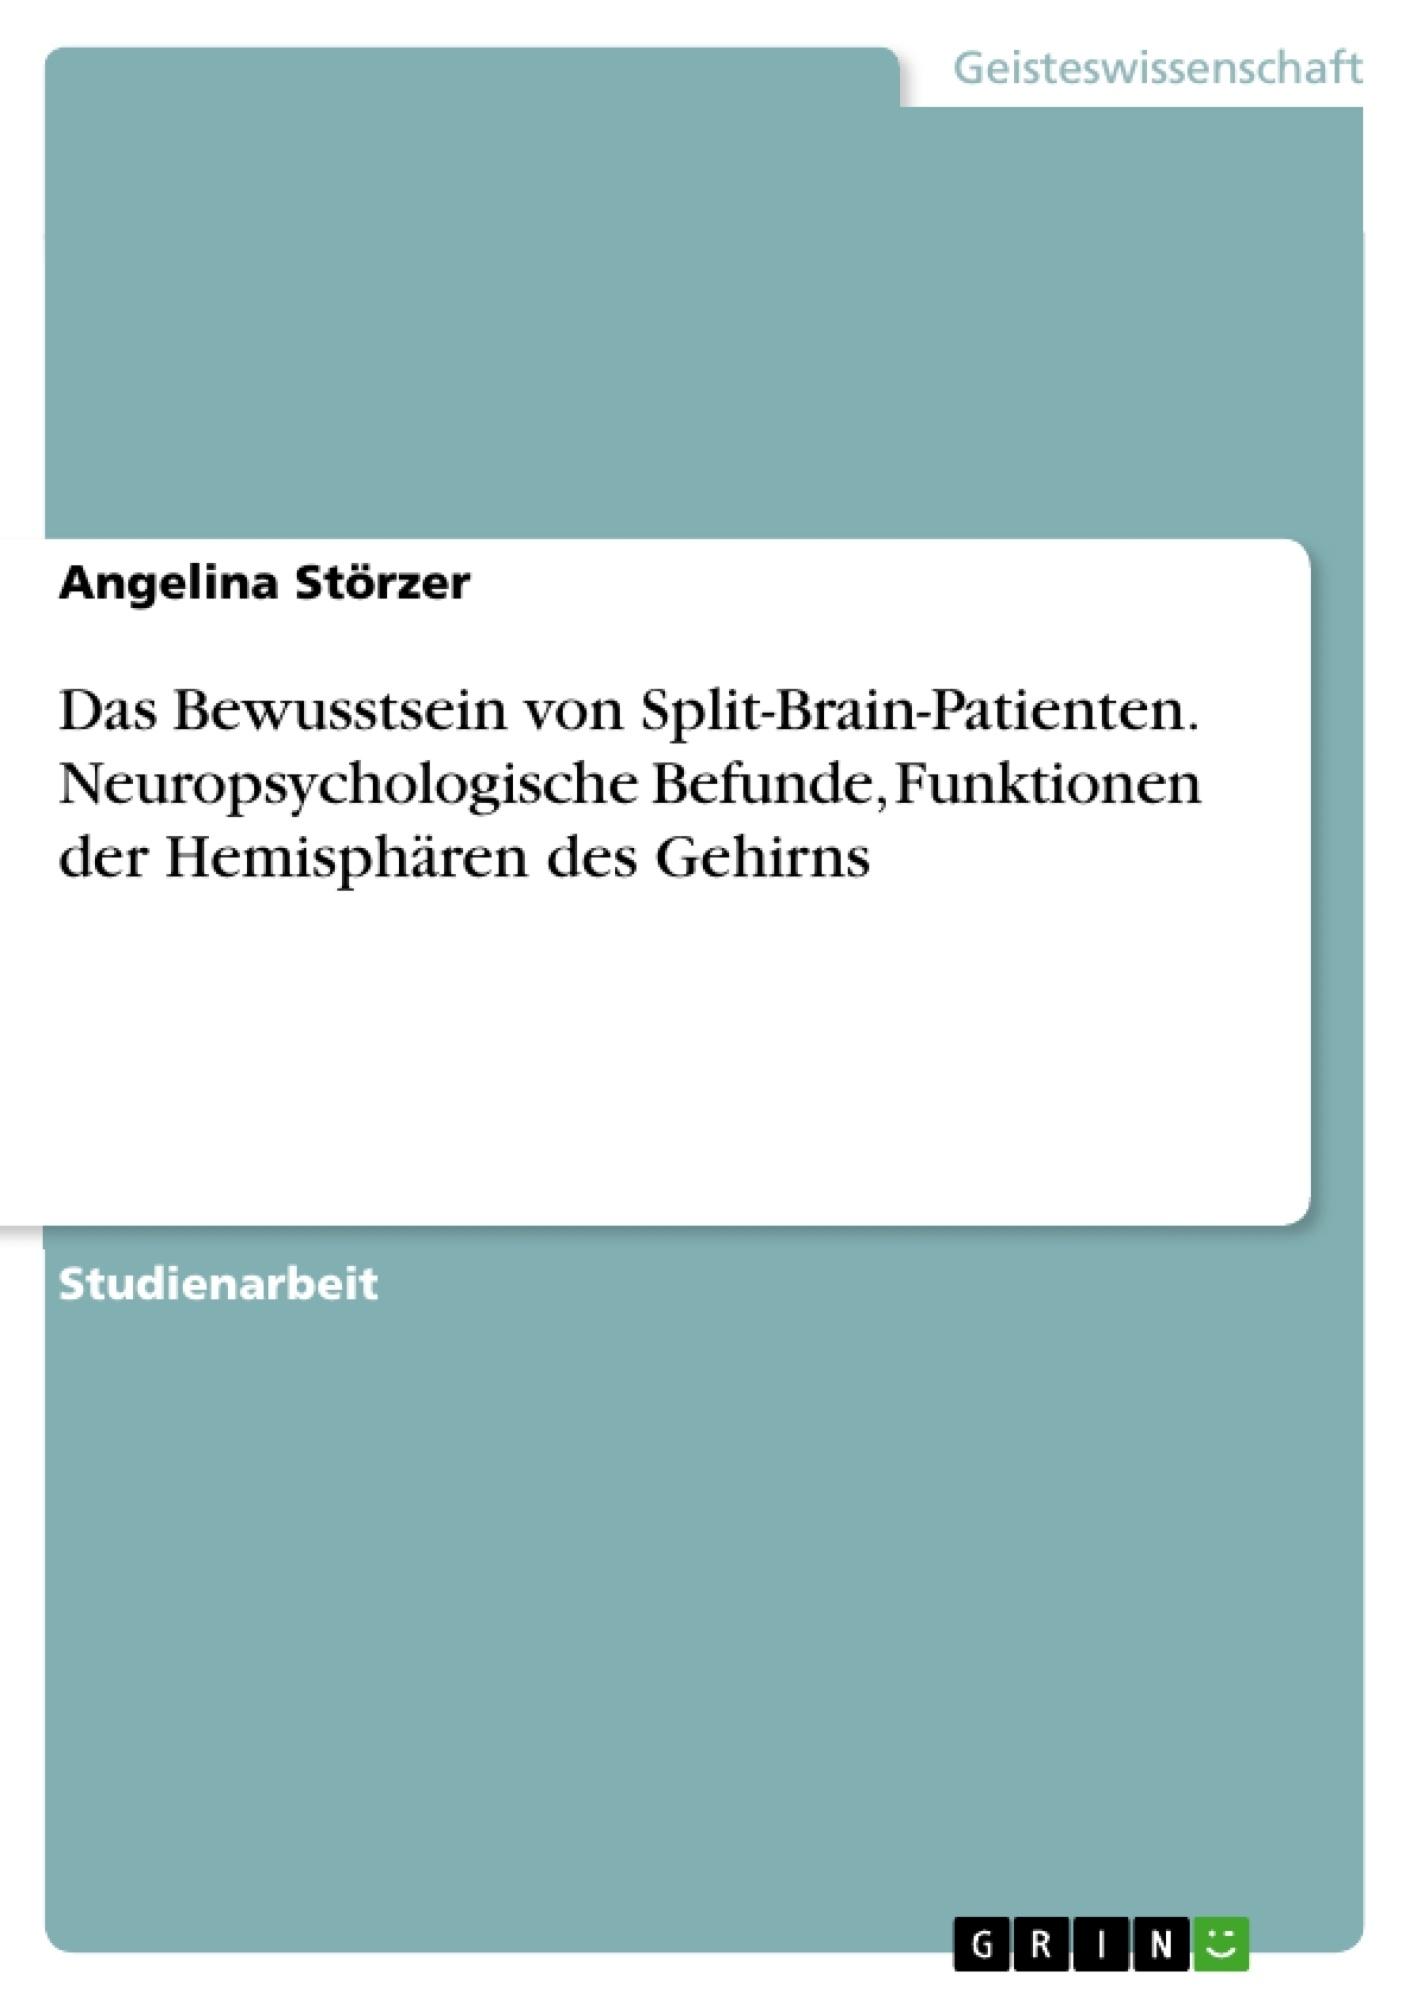 Titel: Das Bewusstsein von Split-Brain-Patienten. Neuropsychologische Befunde, Funktionen der Hemisphären des Gehirns